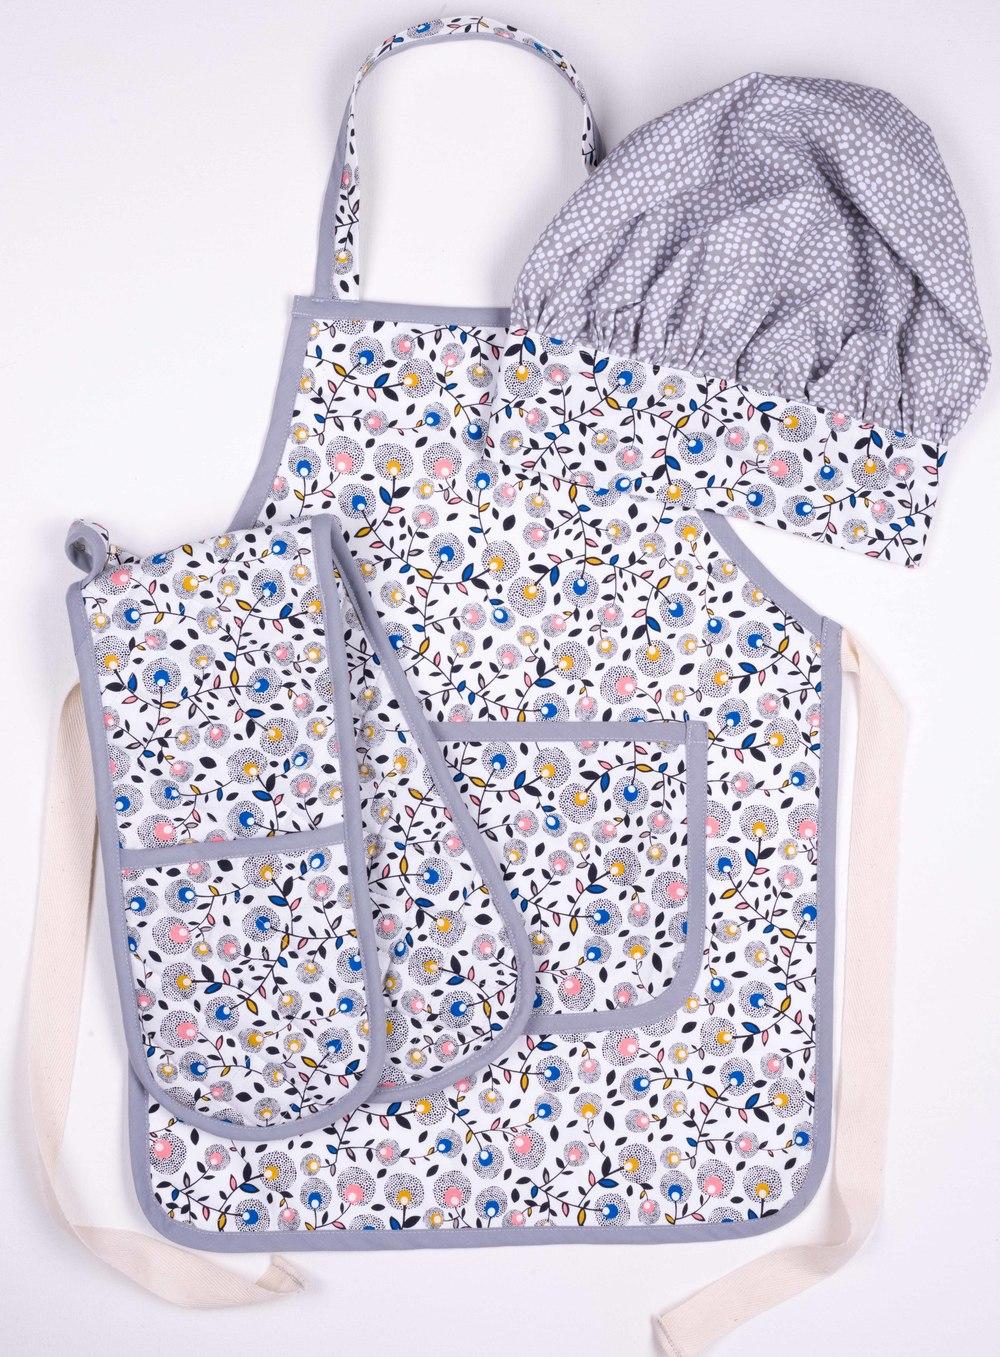 Skoo KidsKitchen Ditsy Floral Print Set